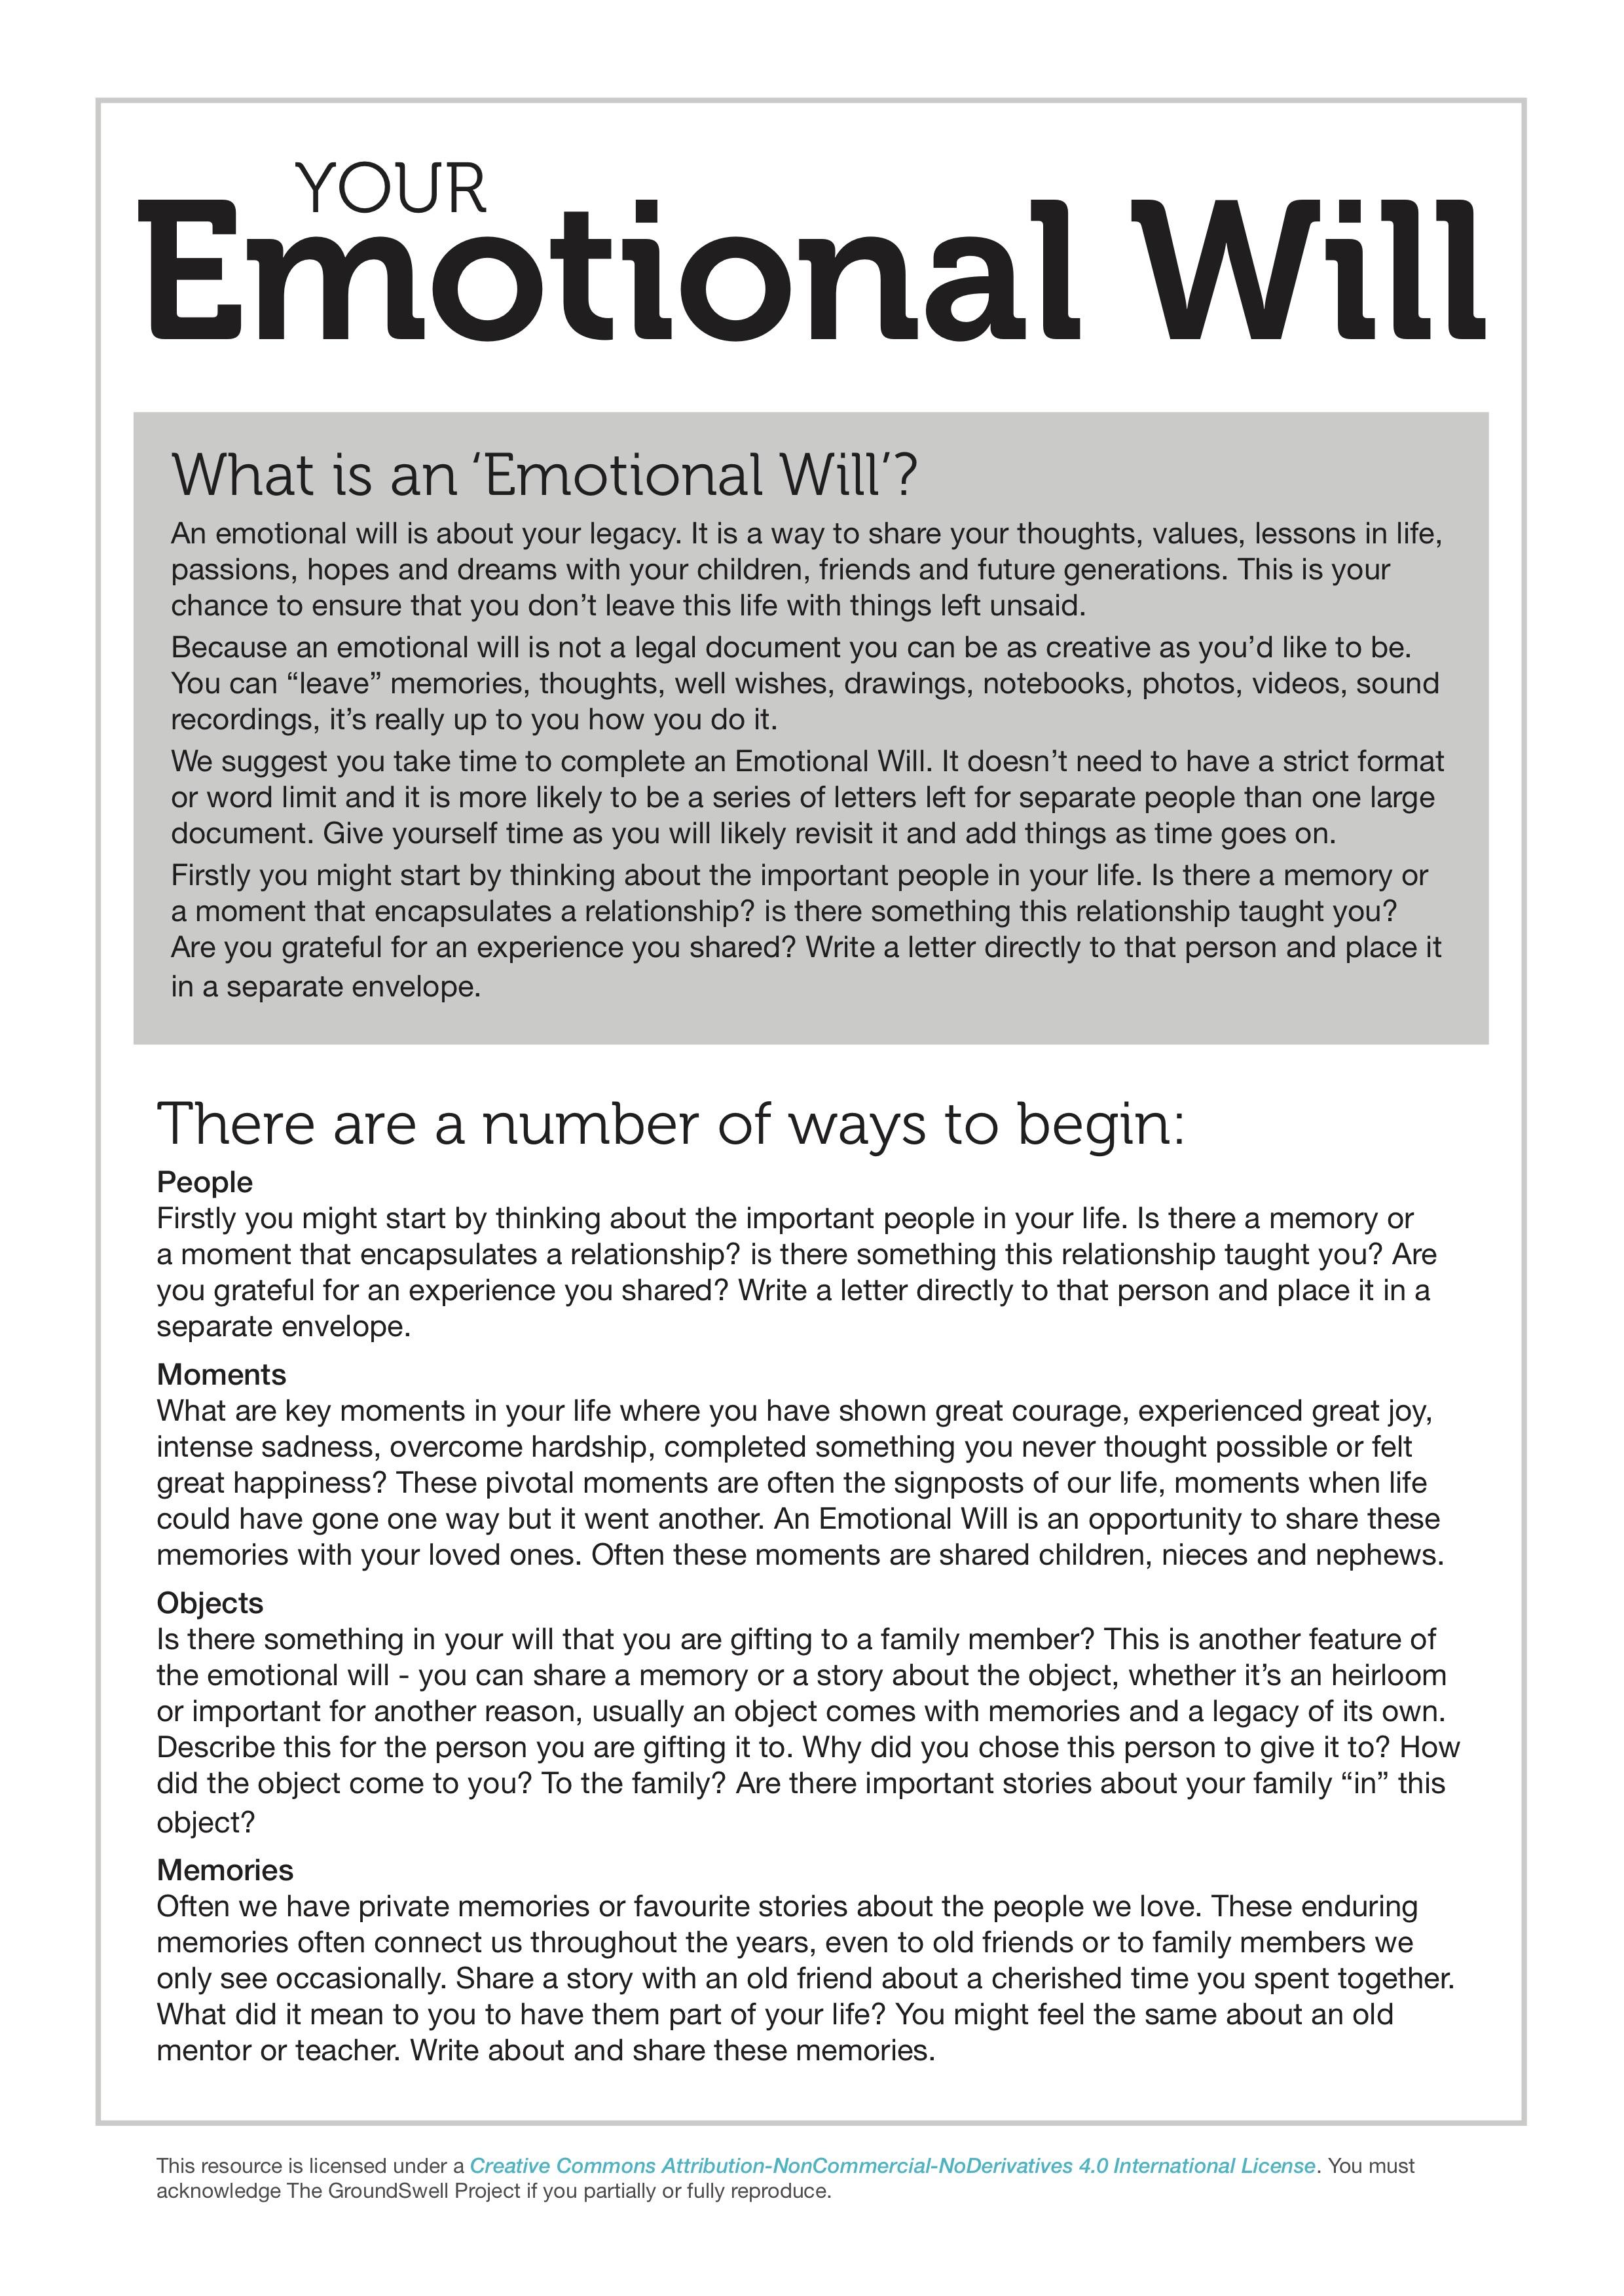 Emotional Will v3.jpg